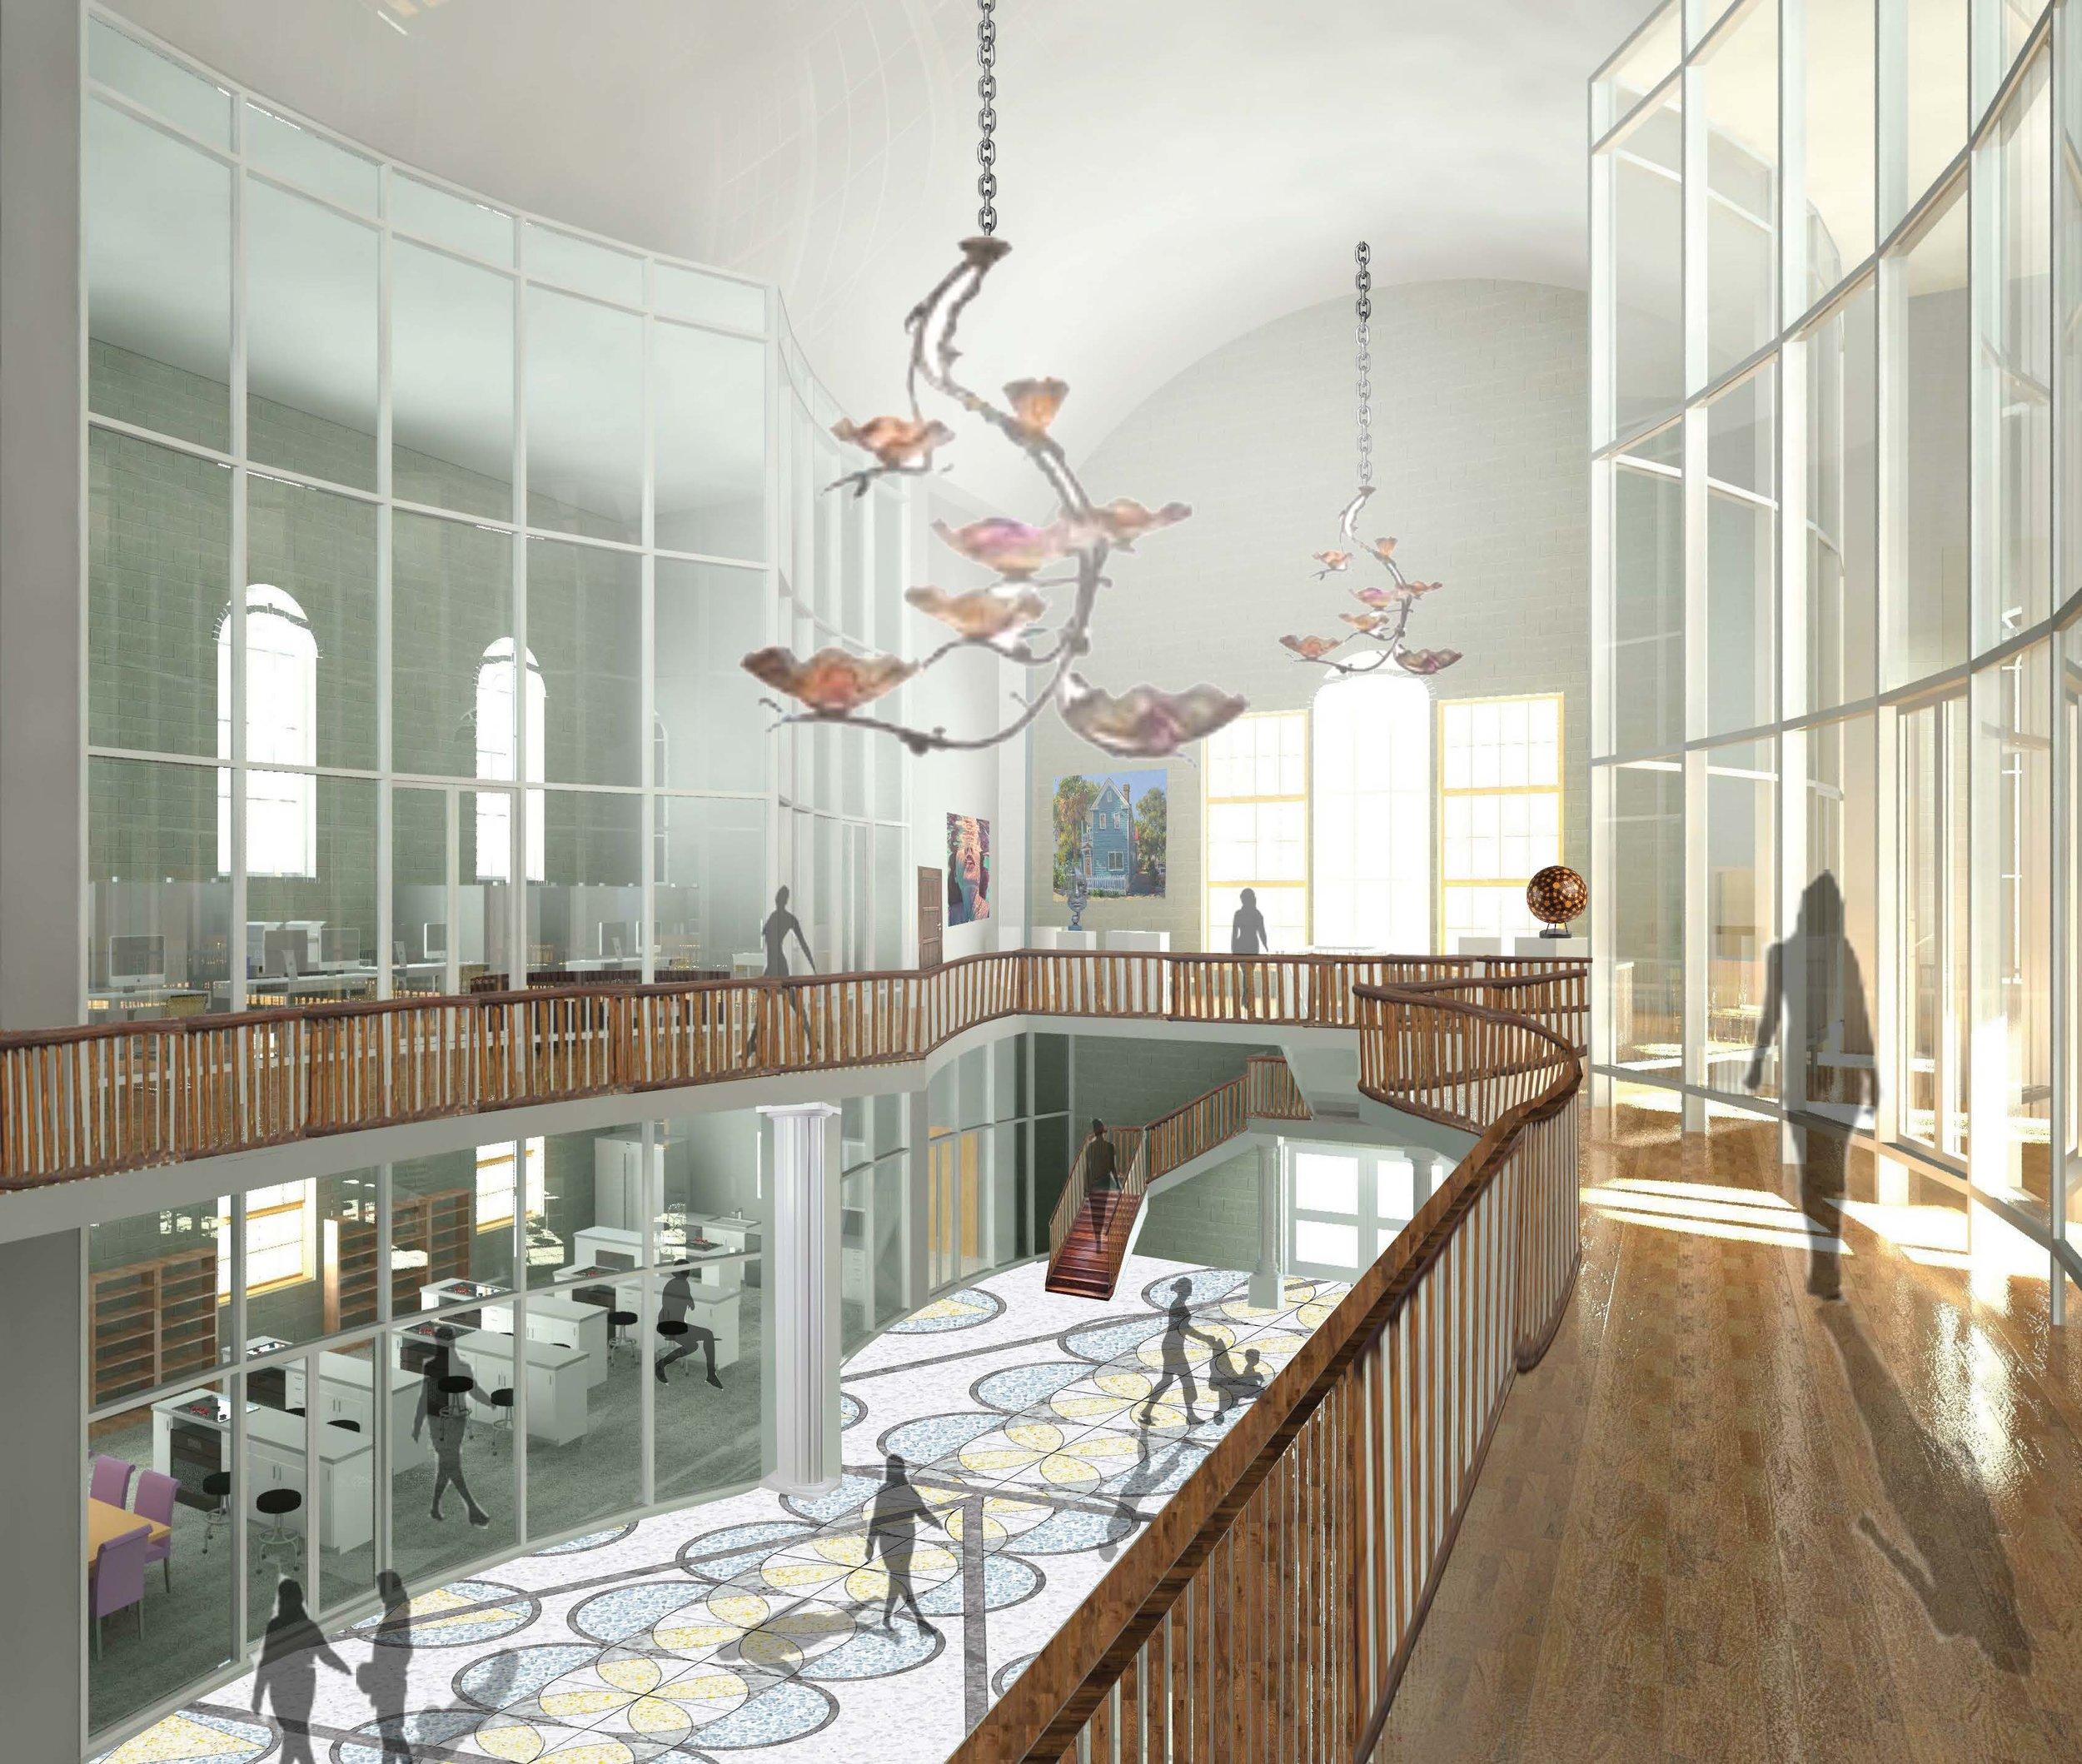 Tribe Enrichment Center - Proposal